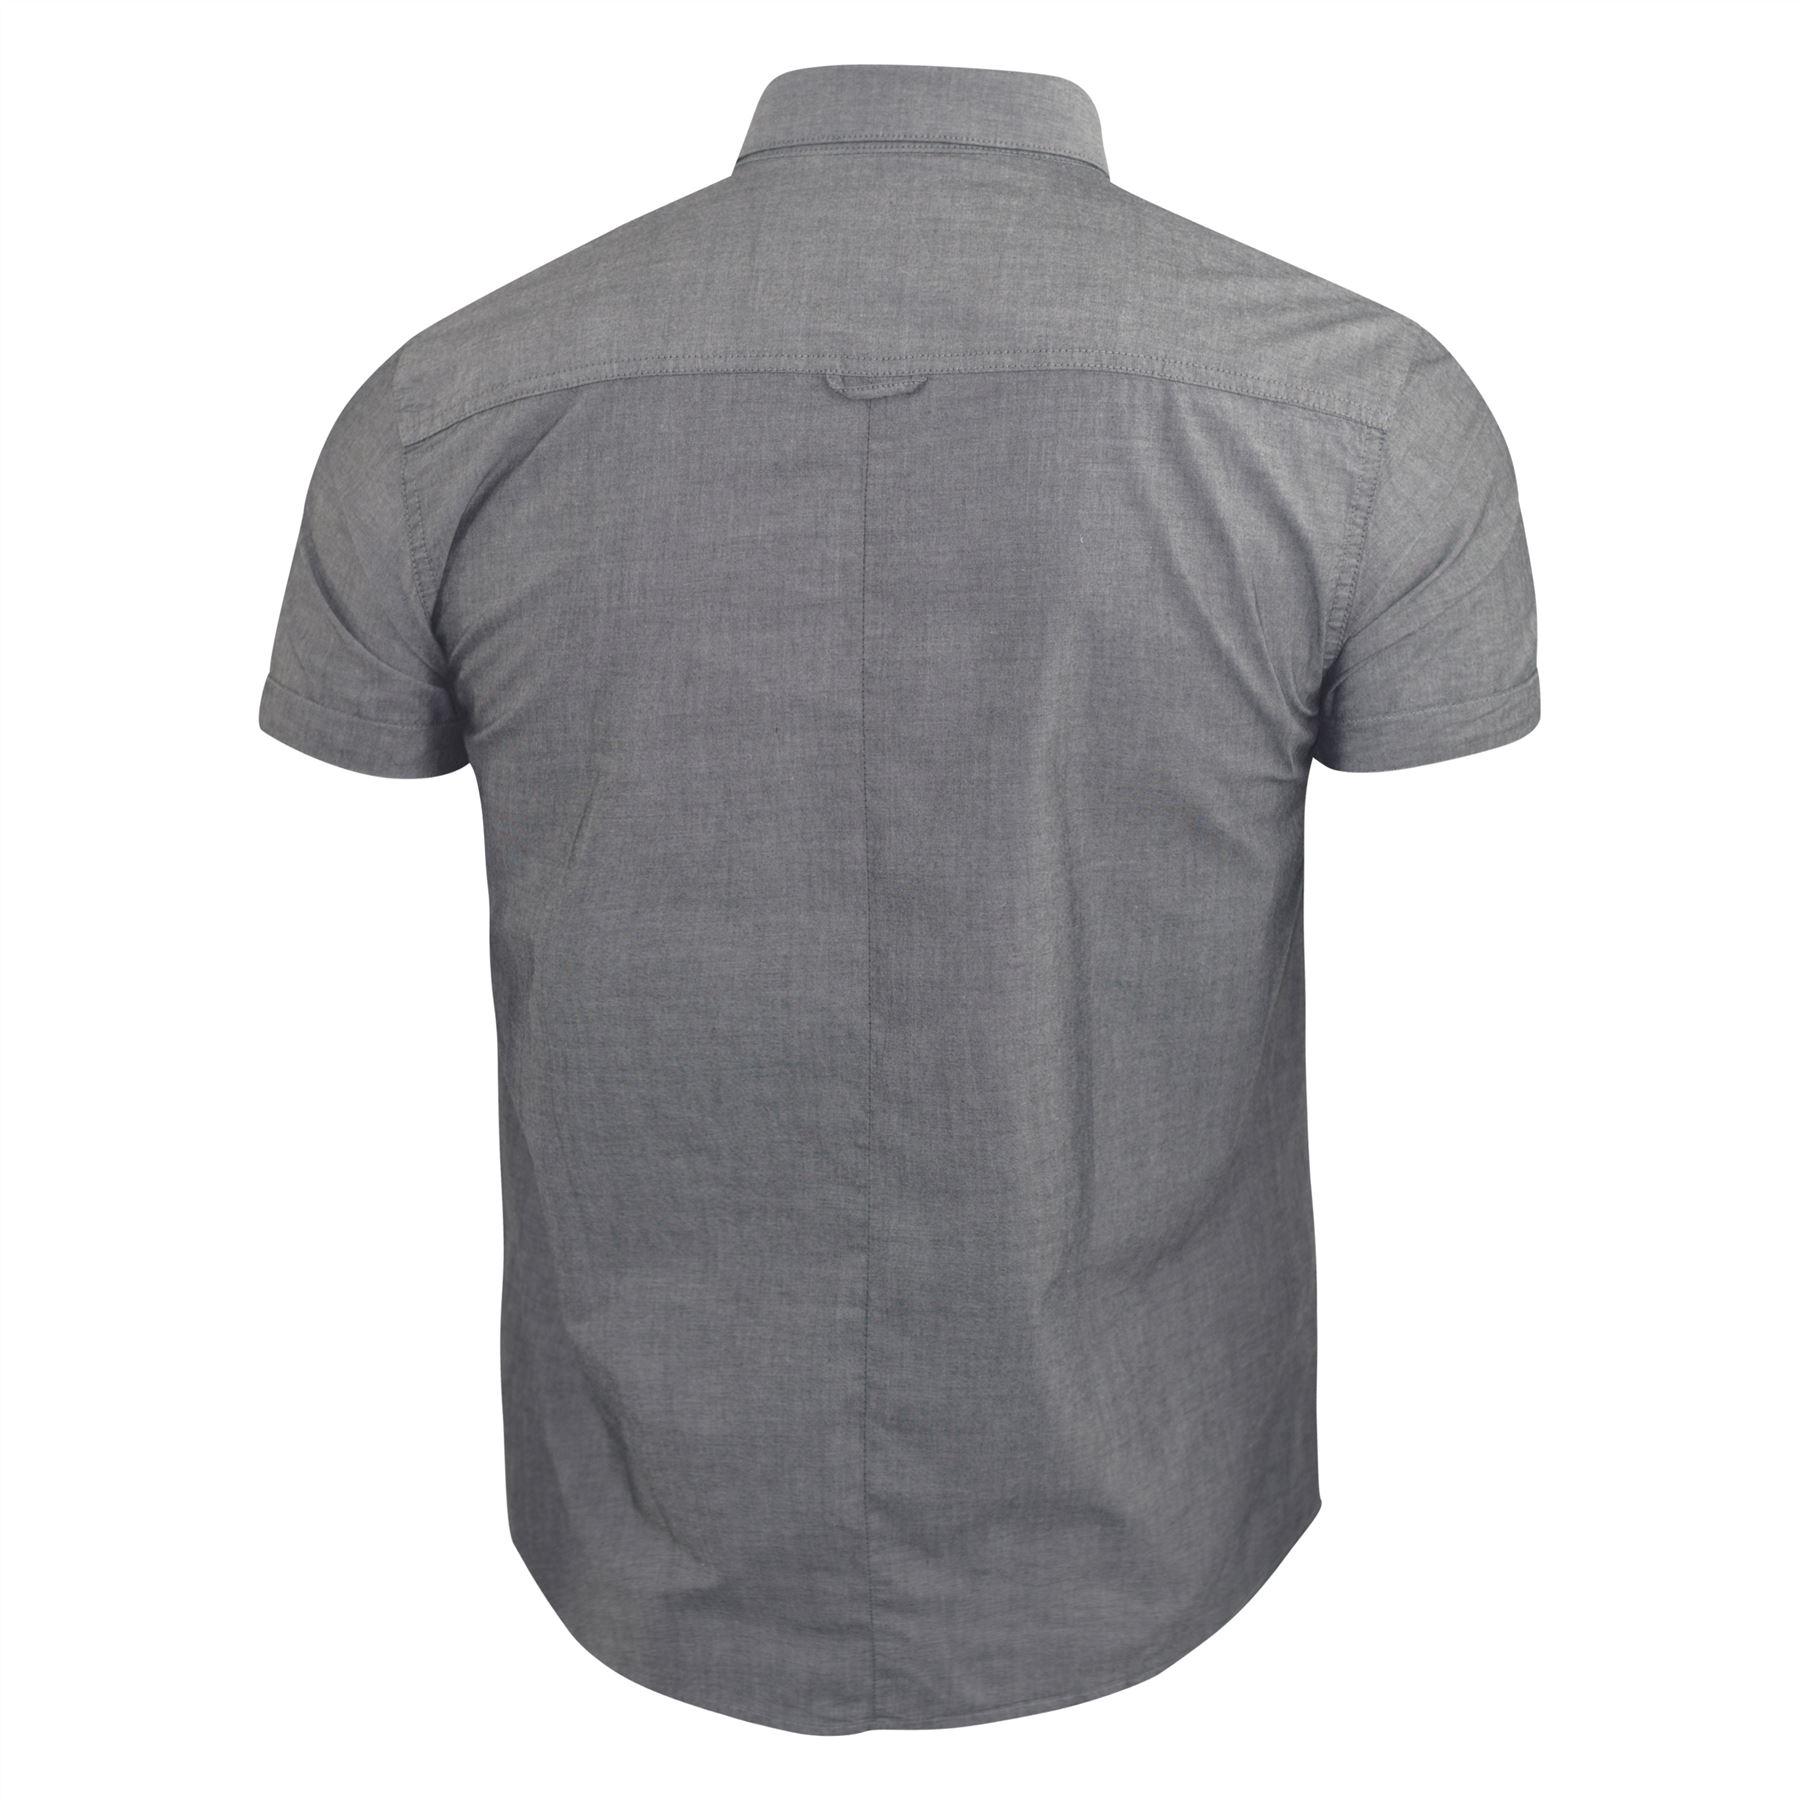 Mens-Plain-Shirt-Henthorn-Short-Sleeved-Cotton-Blend-Casual-Top thumbnail 3